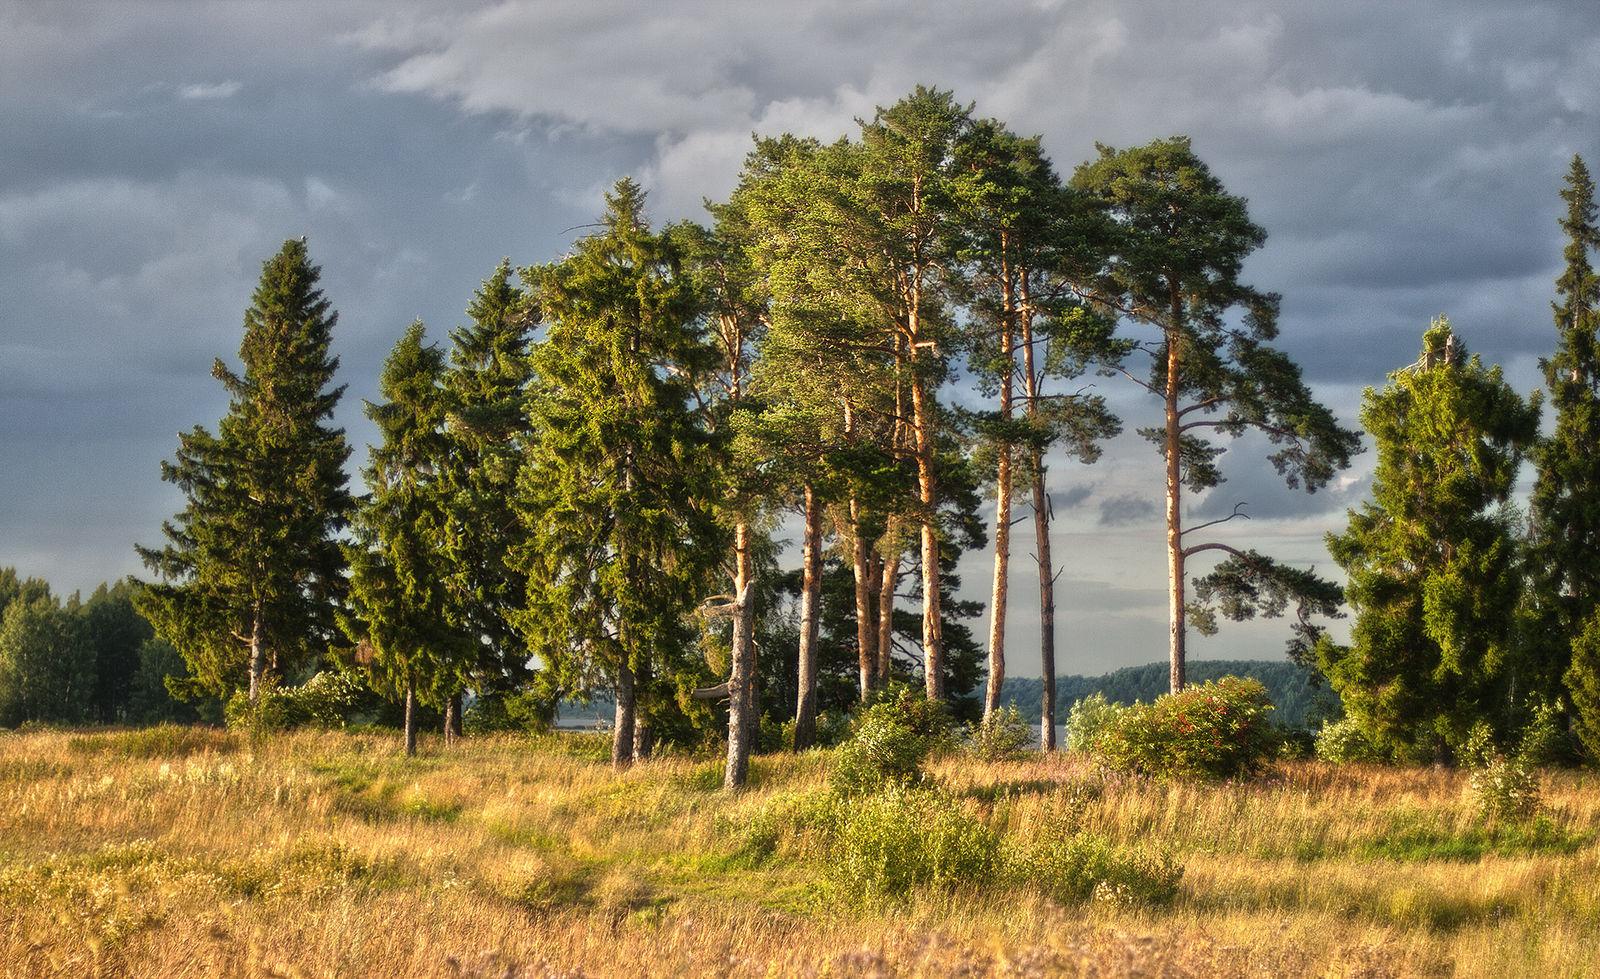 красивые места, на опушке соснового леса фото игрушки, которые могут